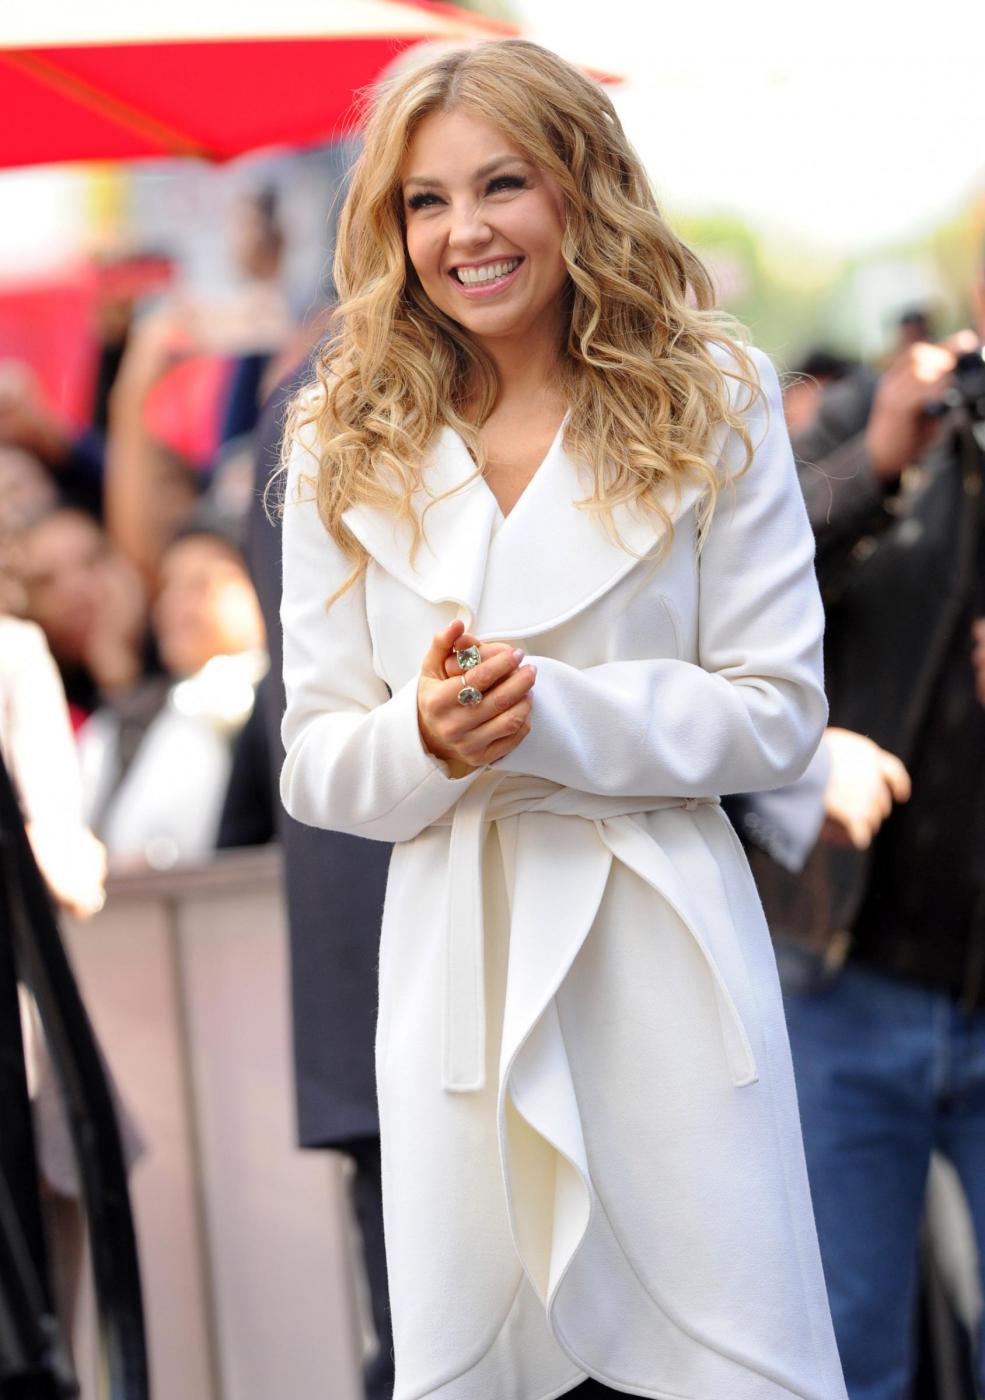 Thalìa, stella sulla Hollywood Walk of Fame per la regina del pop messicano 05